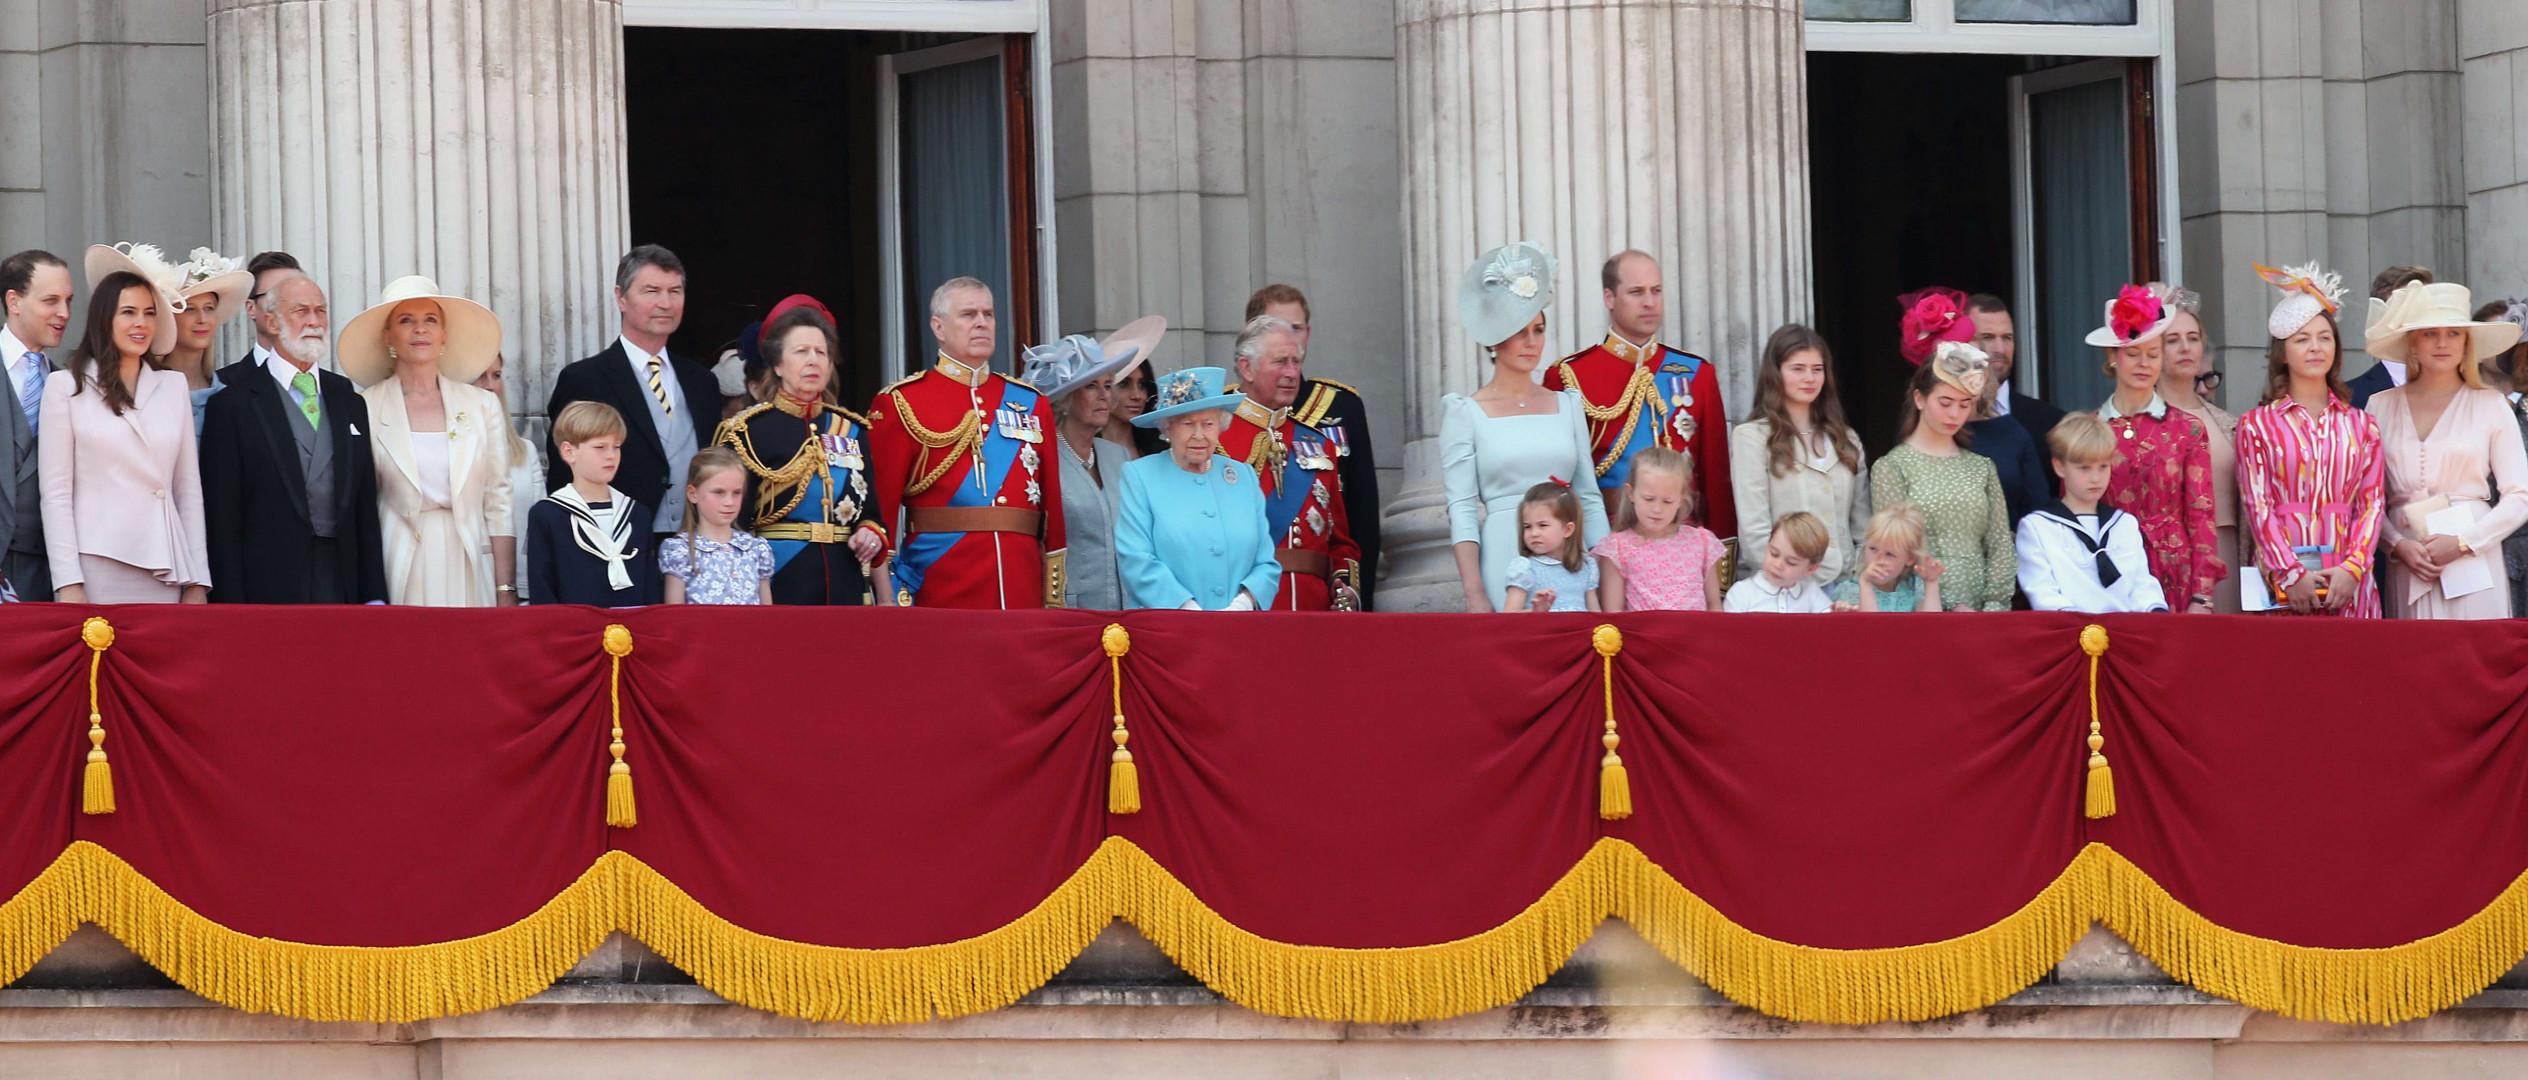 La famille royale au balcon du palais de Buckingham, le 9 juin 2018